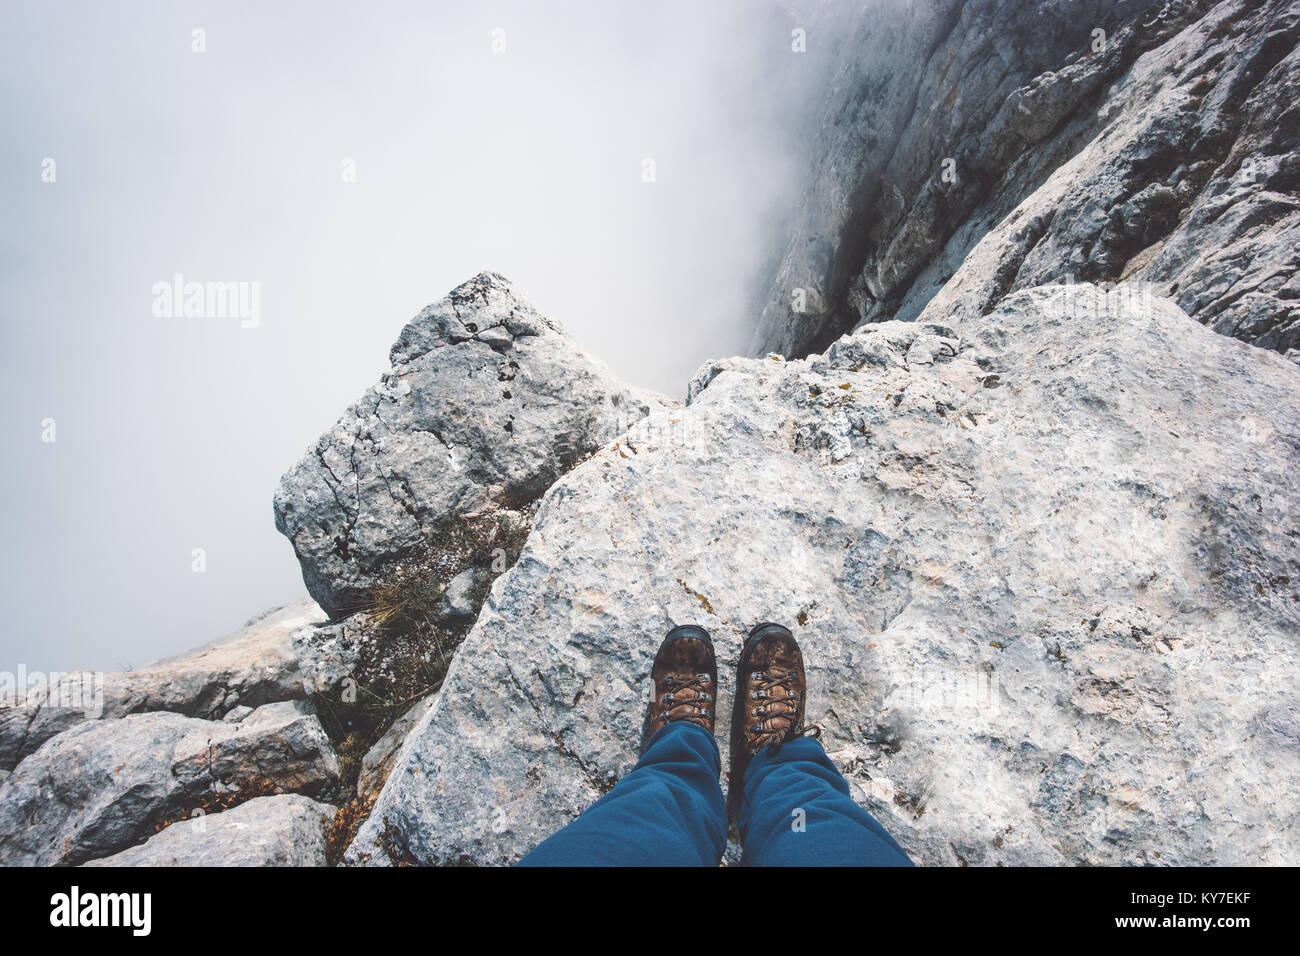 Piedi di viaggiatori su scarponi da montagna rocciosa scogliera sopra le nubi velate stile di vita viaggio concetto Immagini Stock